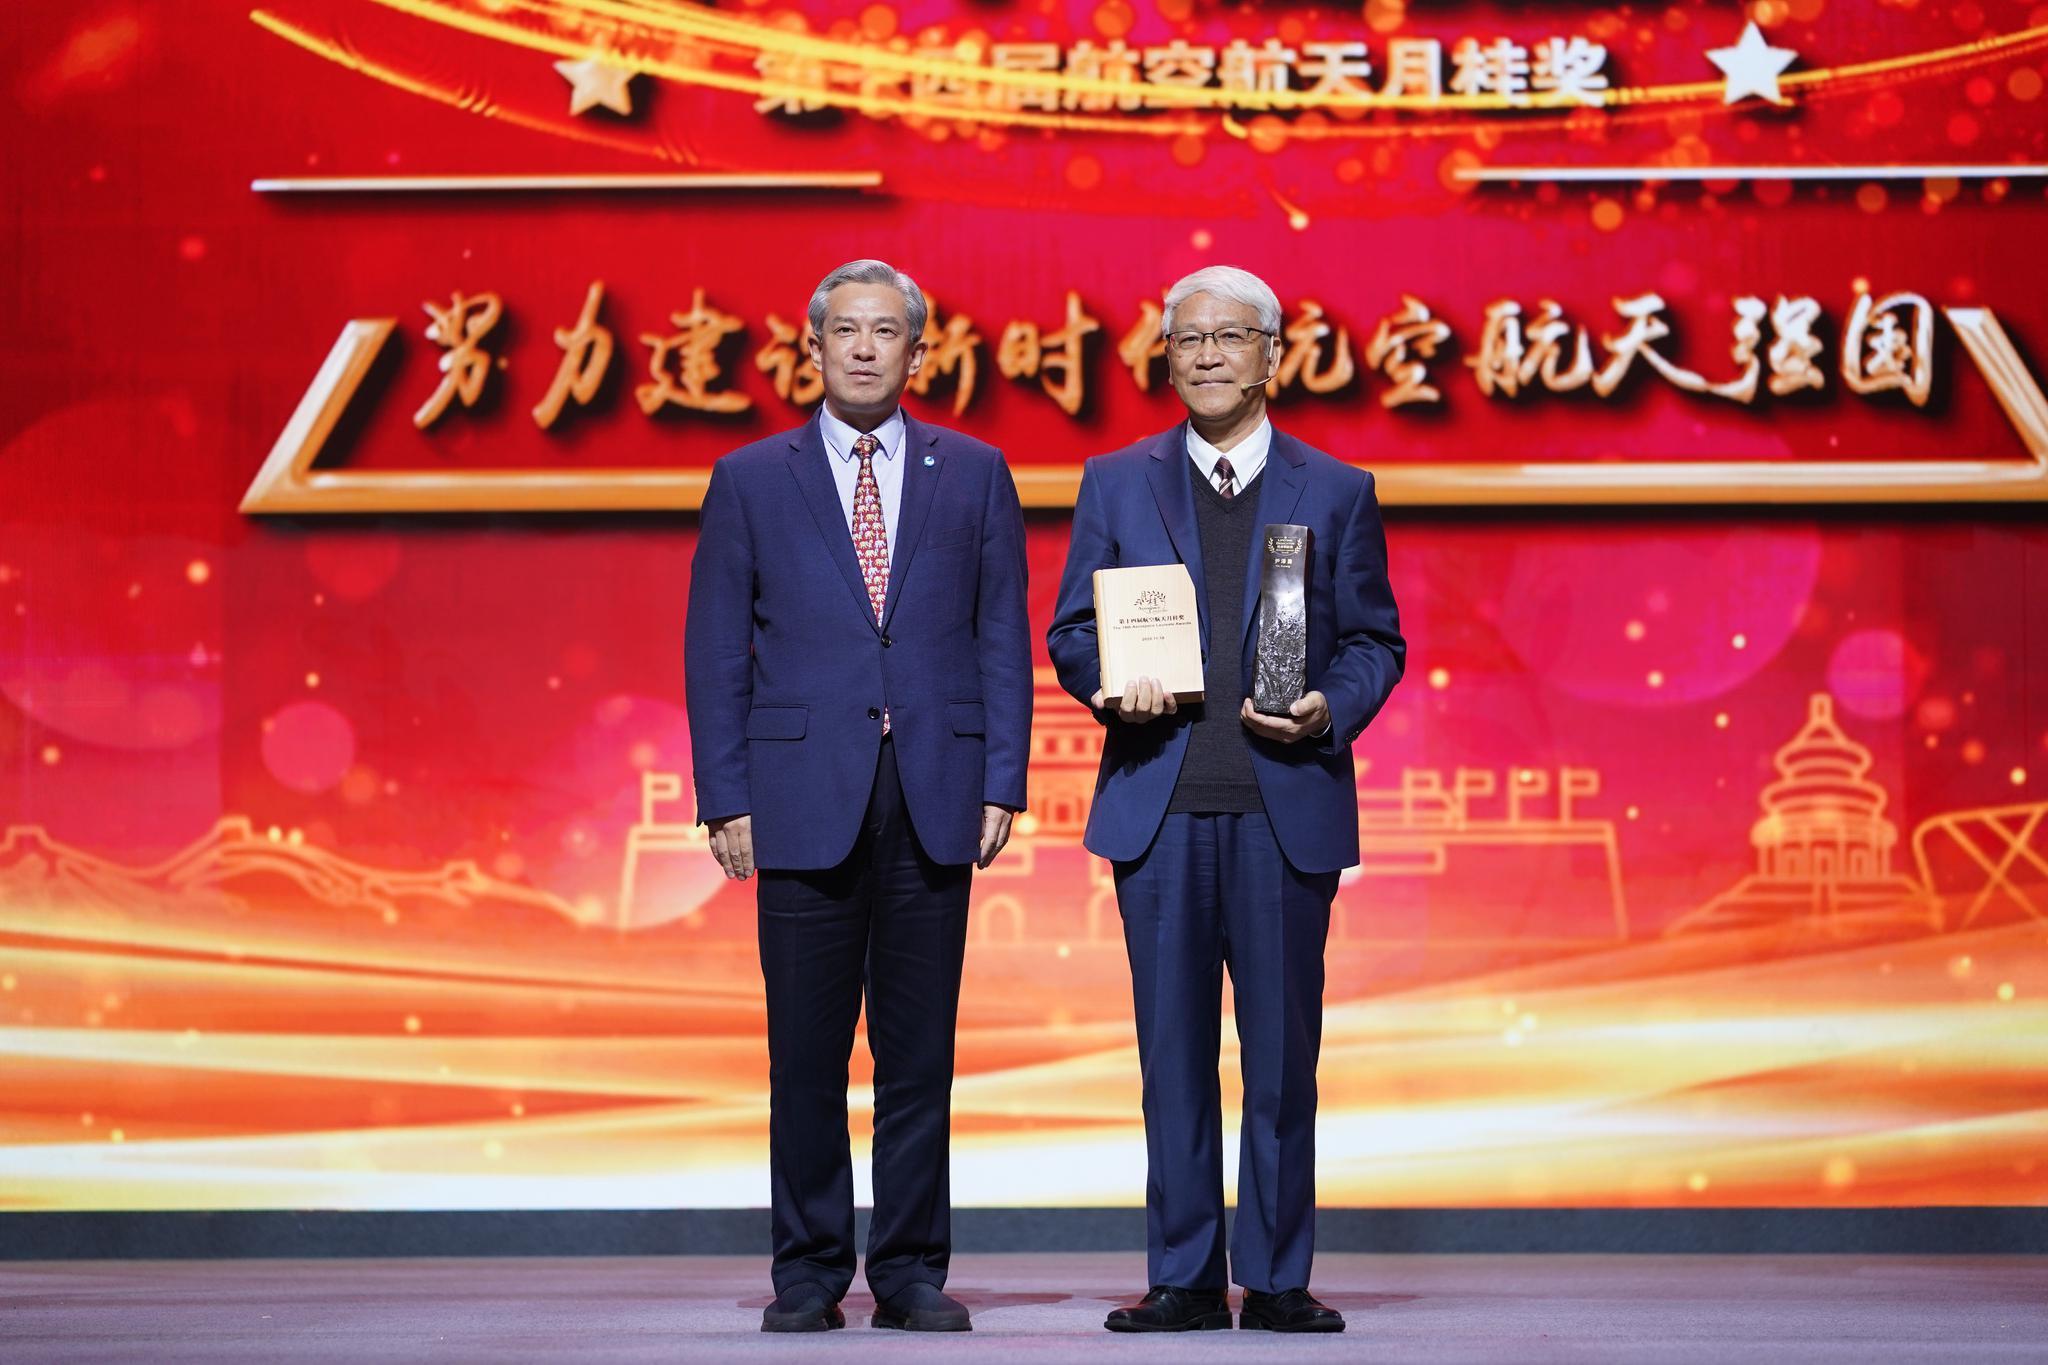 业空工航组团党集董记、书瑞长谭事泽为尹松勇颁奖。